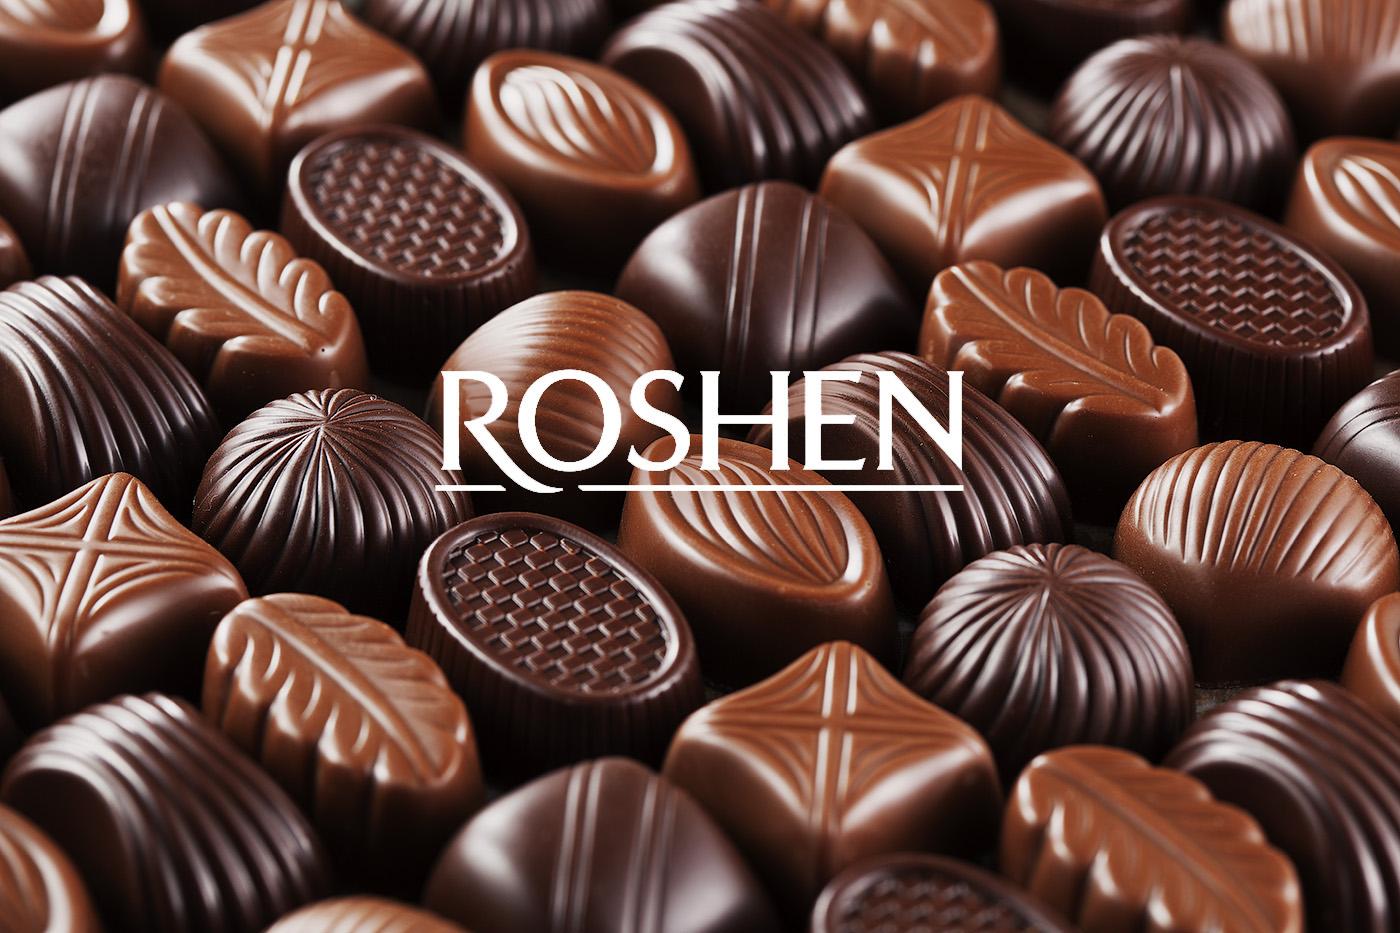 قیمت عمده شکلات roshen